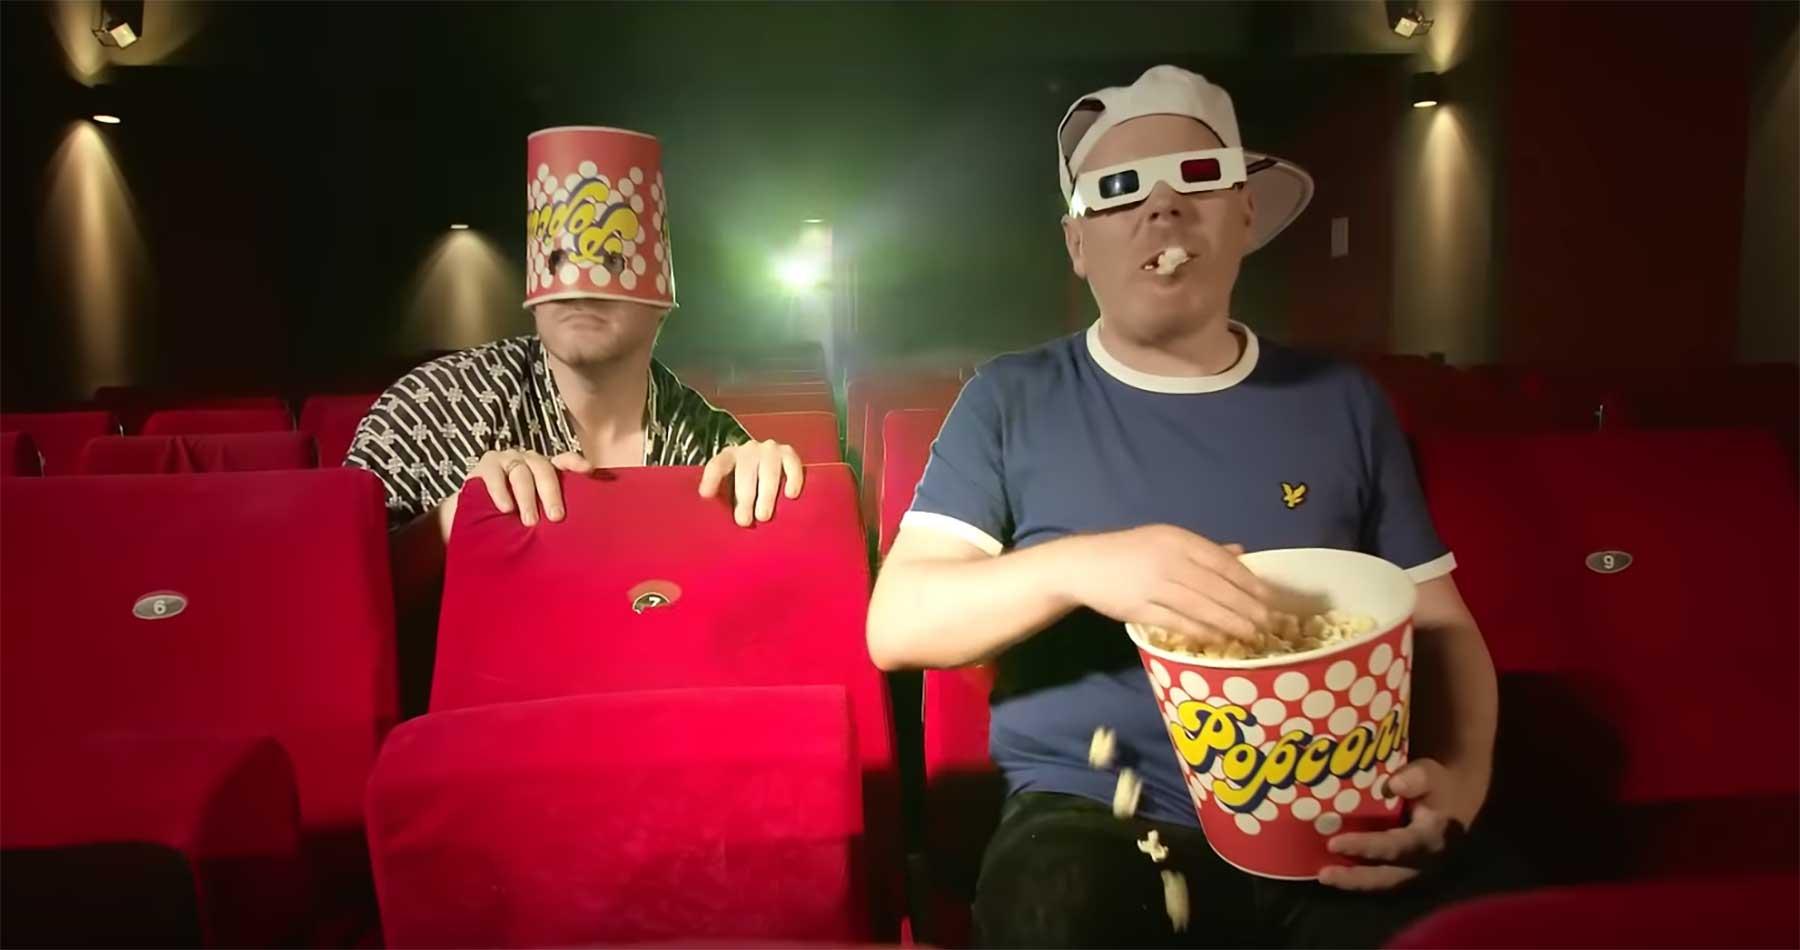 König Boris und Porky machen gemeinsame Mucke Koenig-Boris-Porky-fettes-brot-deichkind-schoenling-doris-tino-turner-popcorn